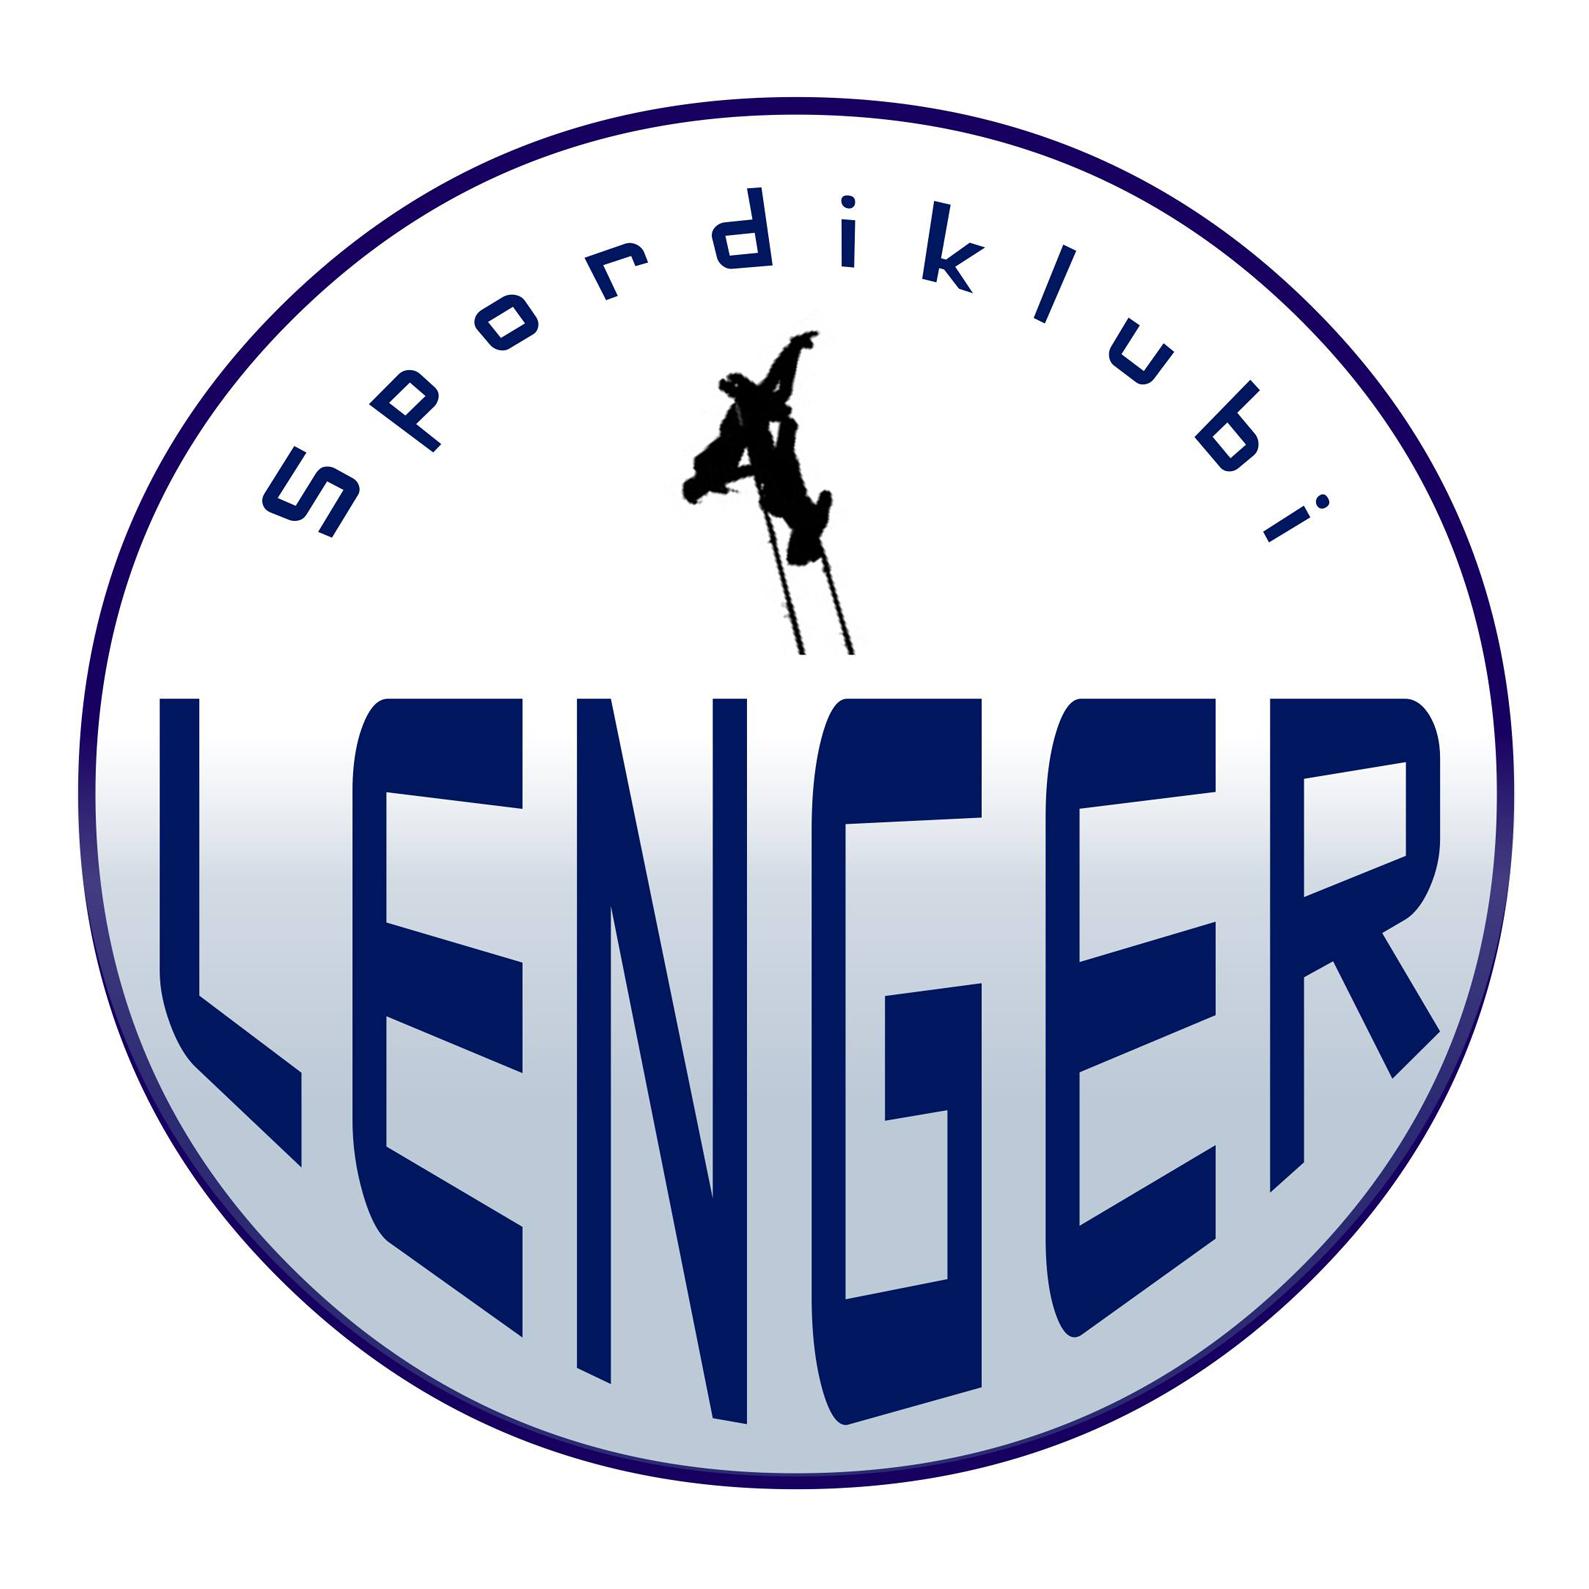 SK Lenger